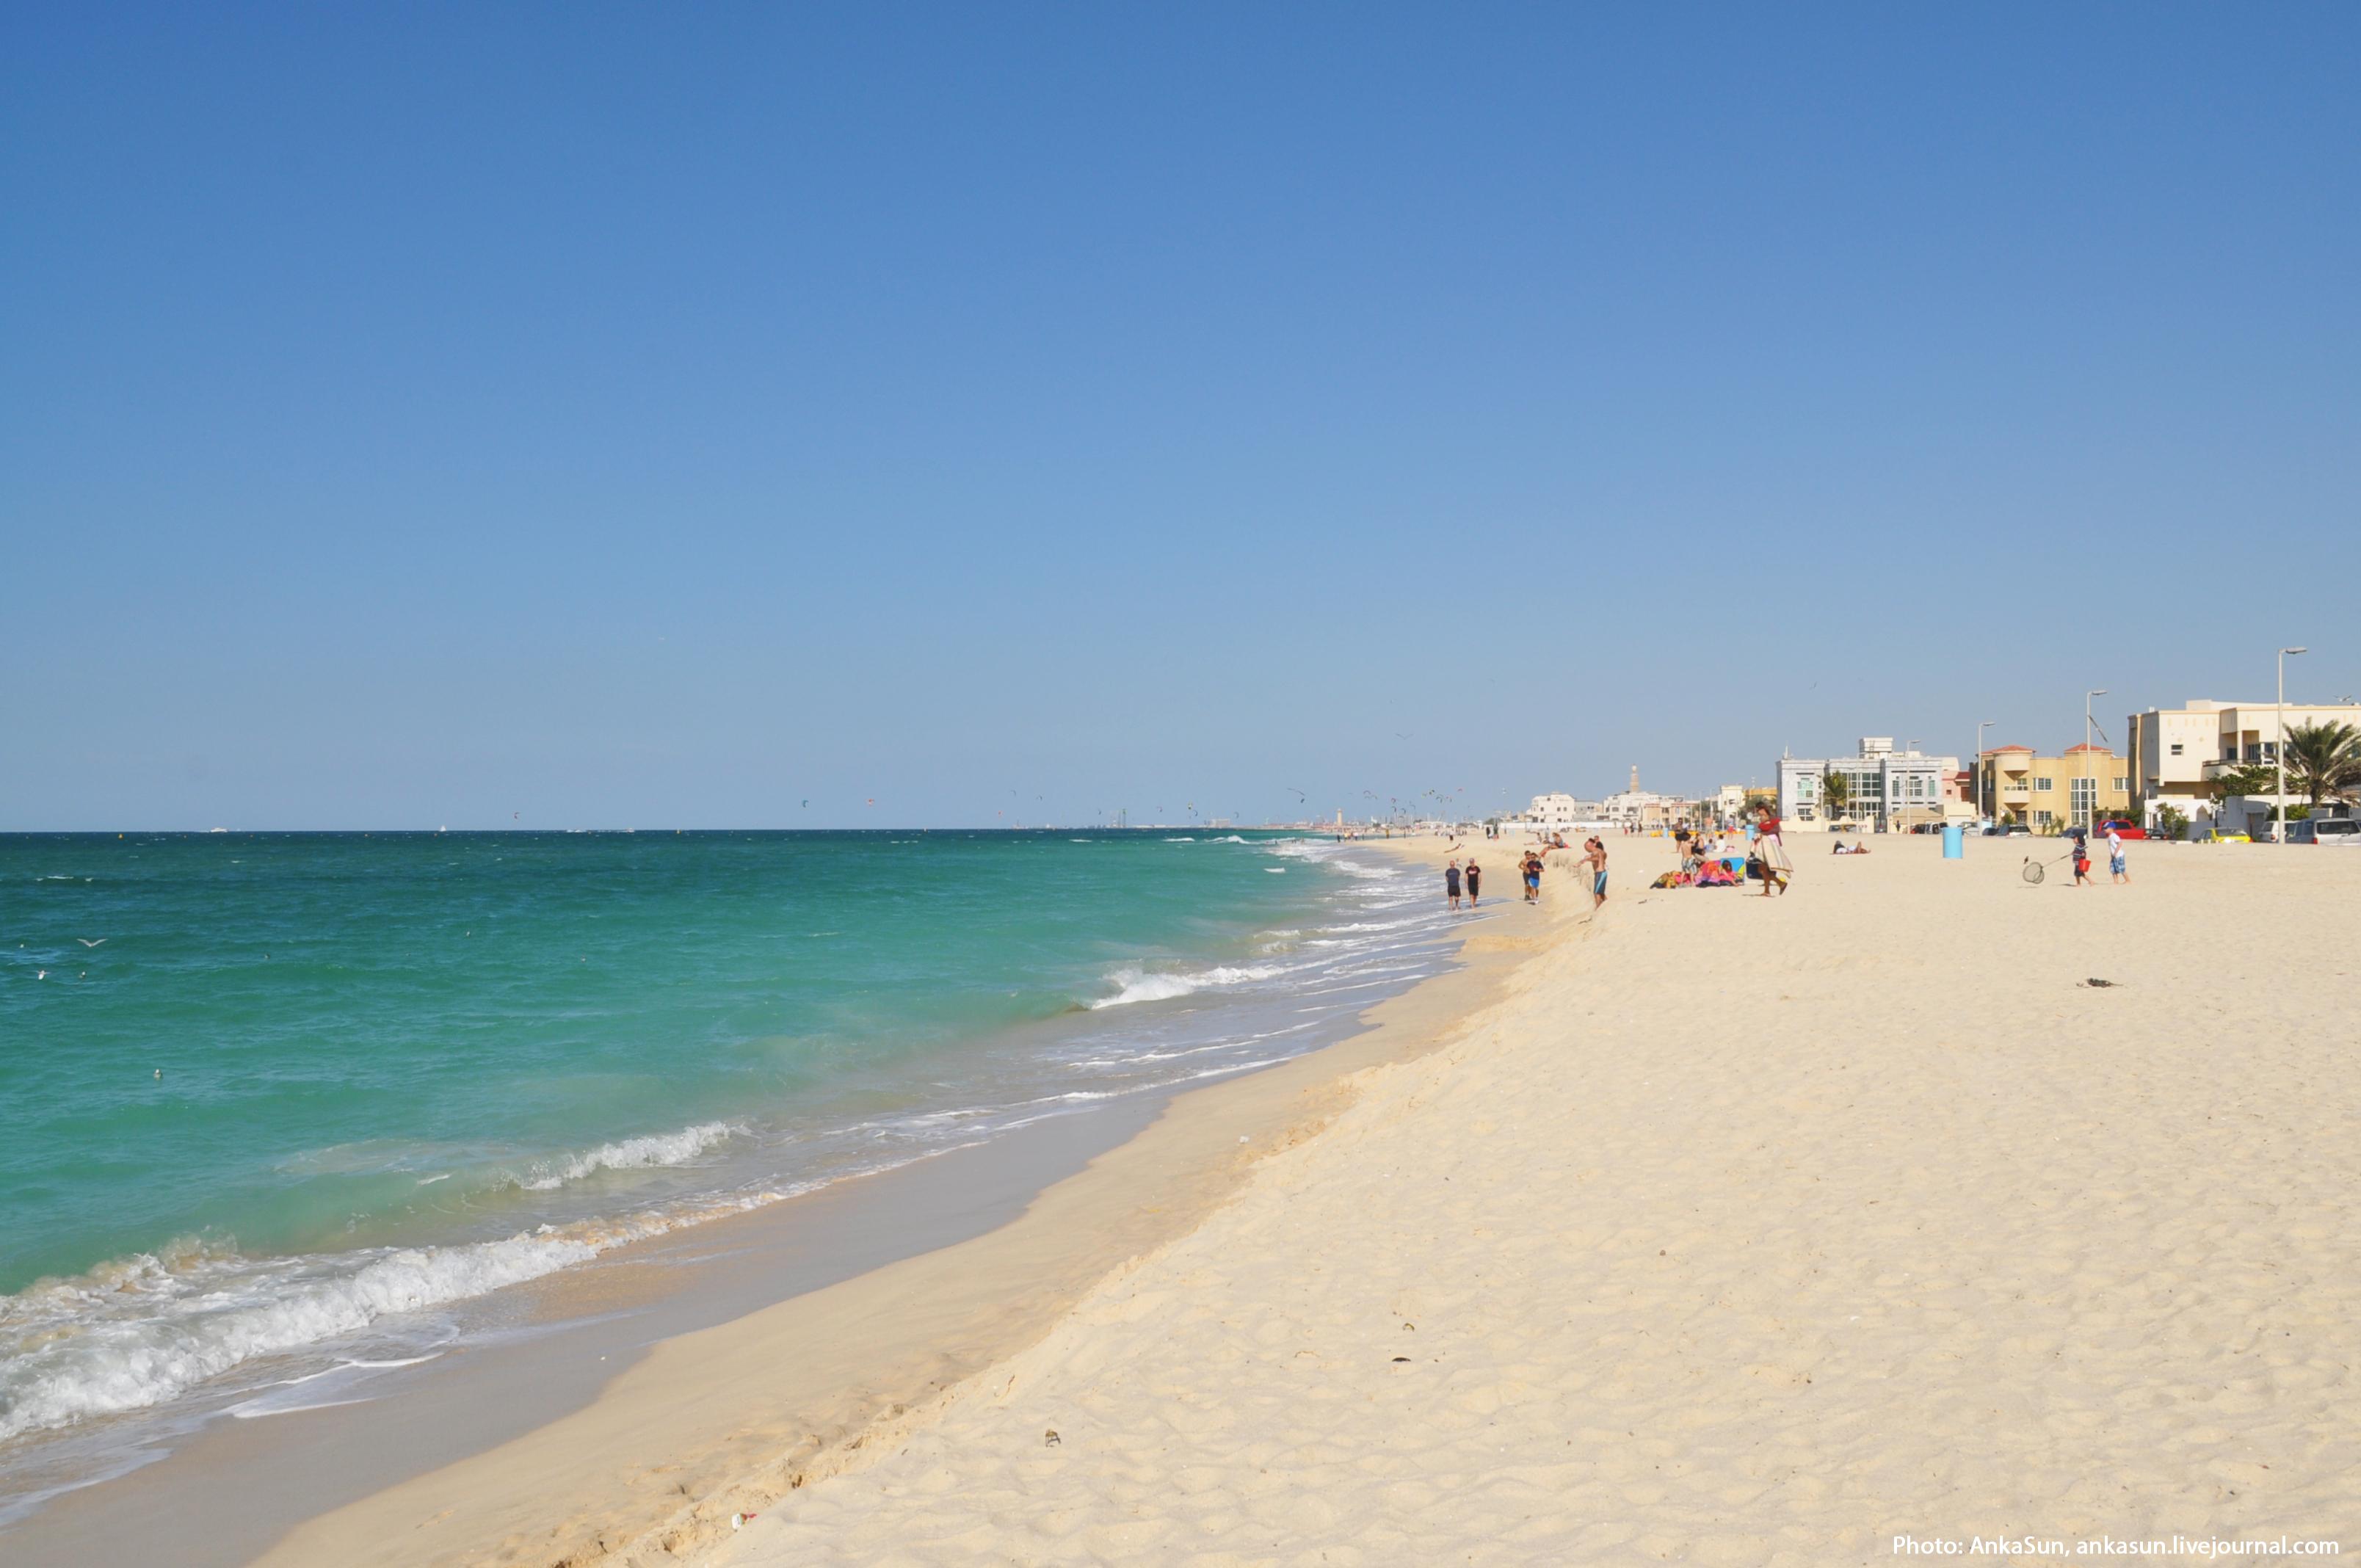 картинки пляжа и моря с людьми